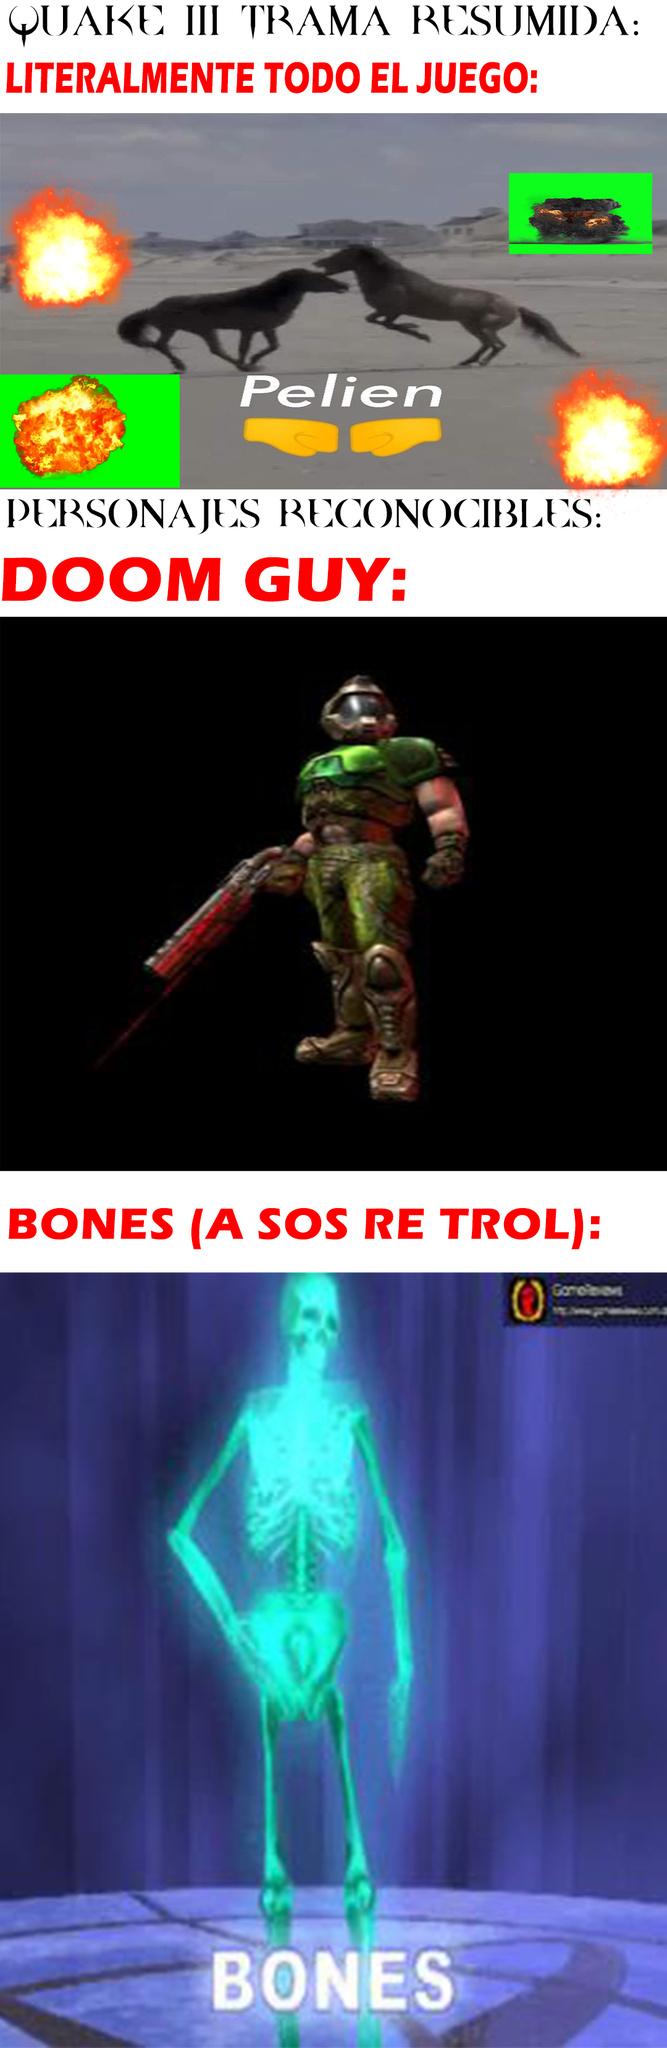 A sos re trol... el videojuego - meme